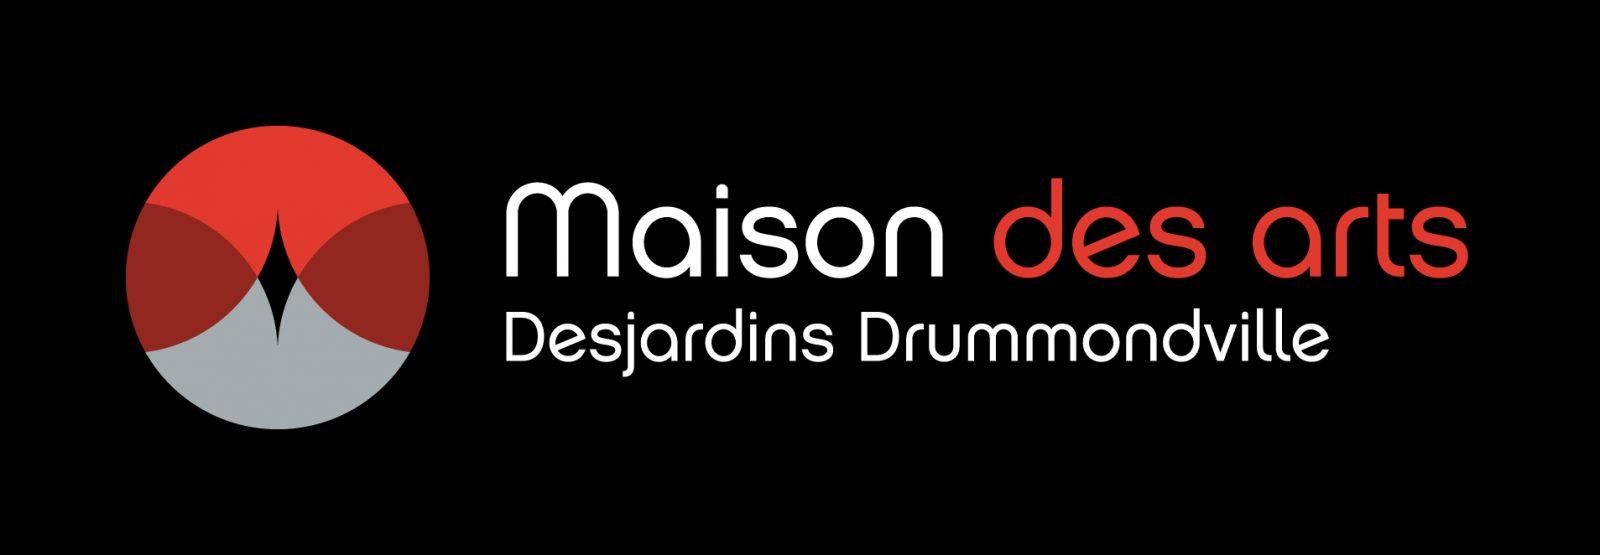 La Maison des arts Desjardins Drummondville dévoile son image de marque